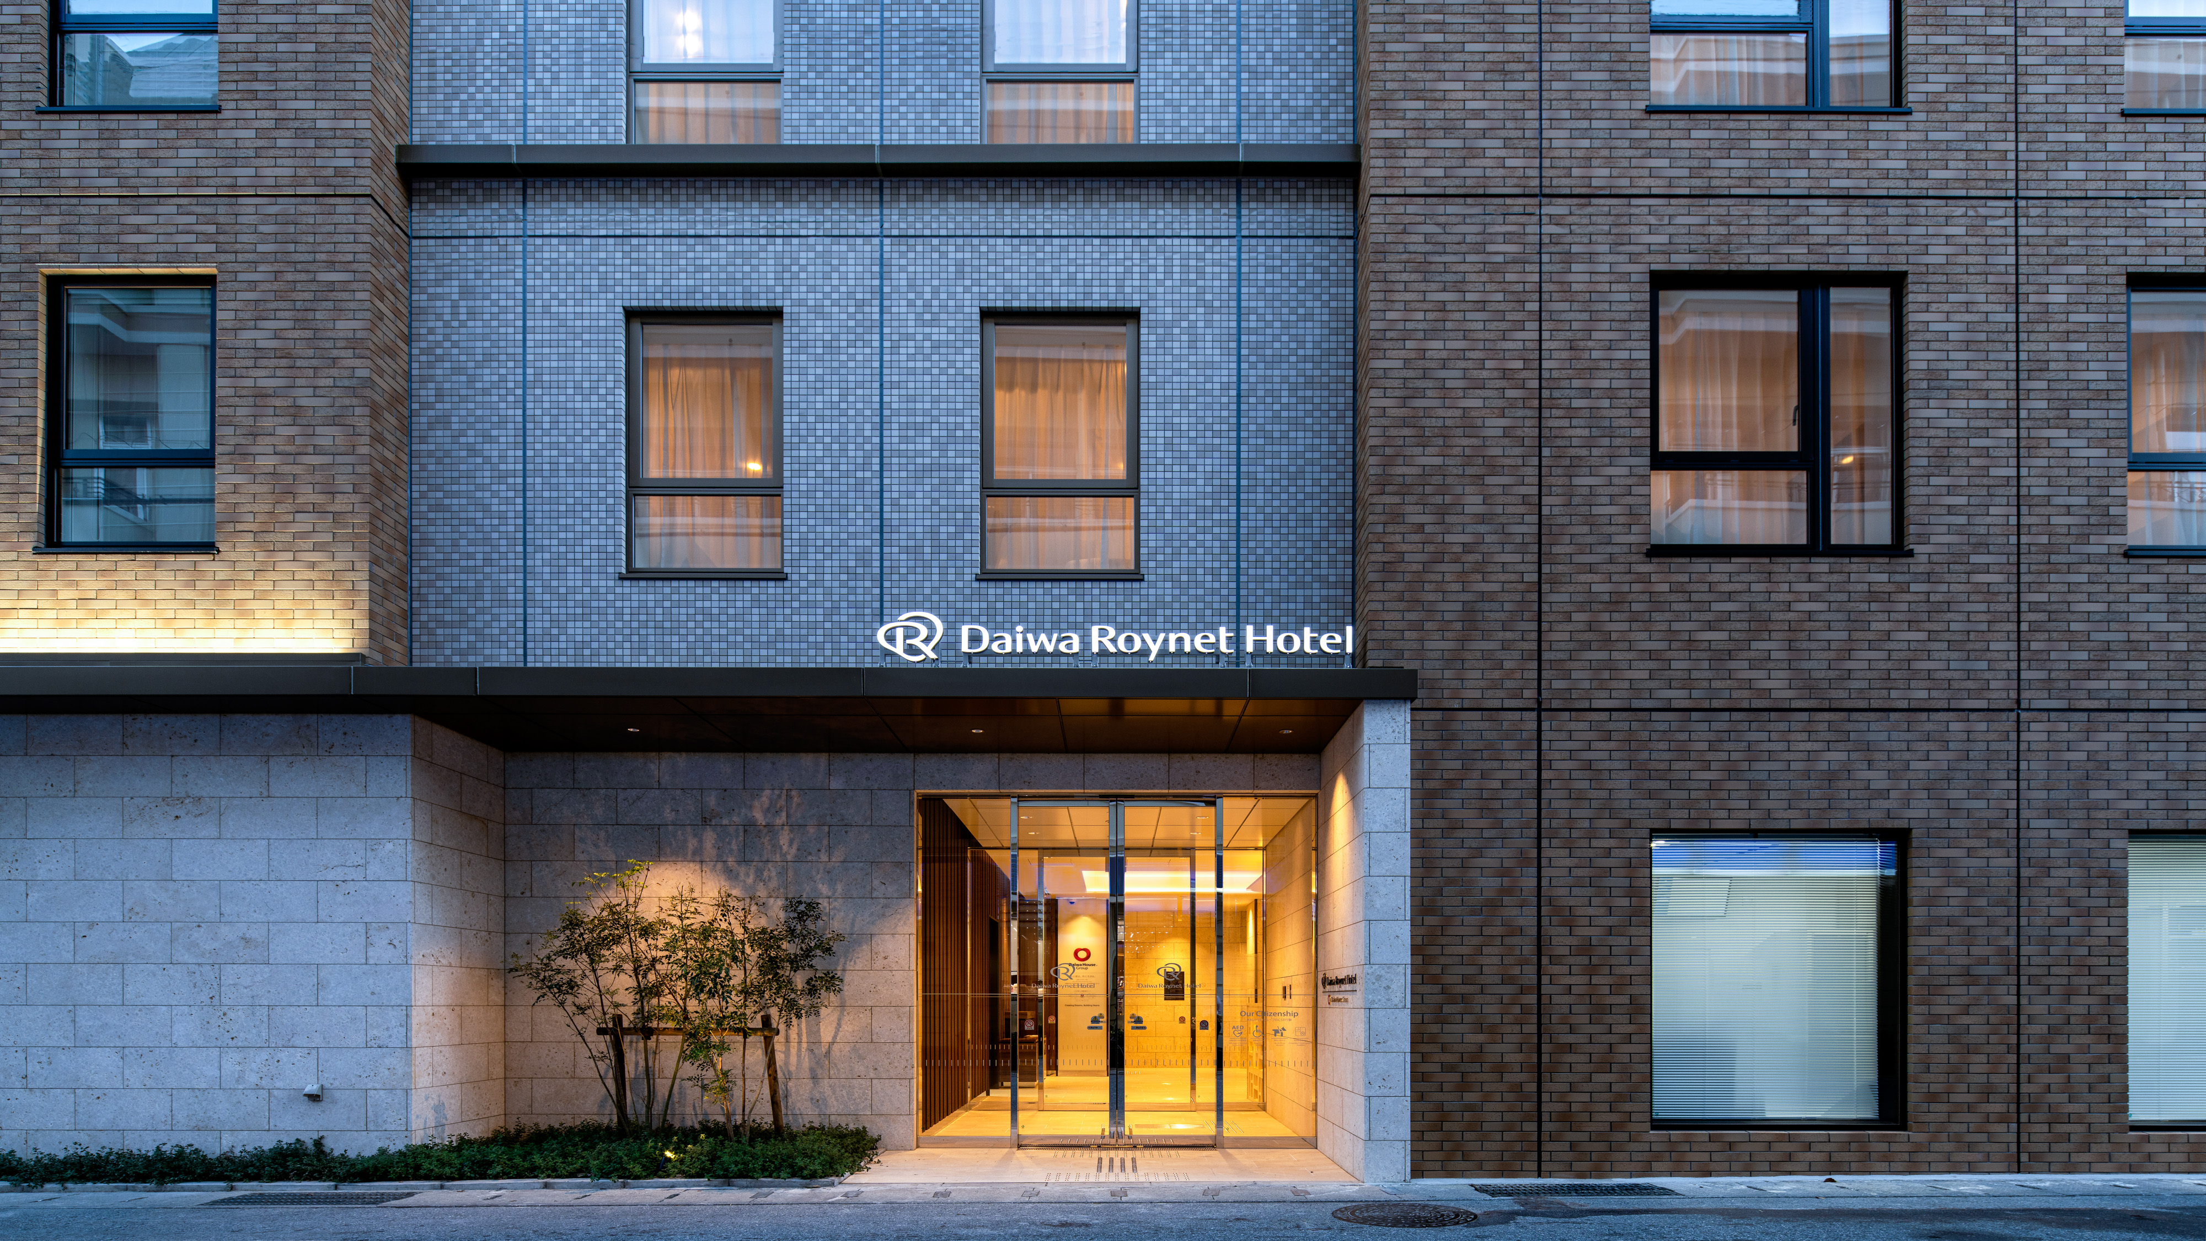 ダイワ ロイネットホテル 沖縄県庁前◆楽天トラベル